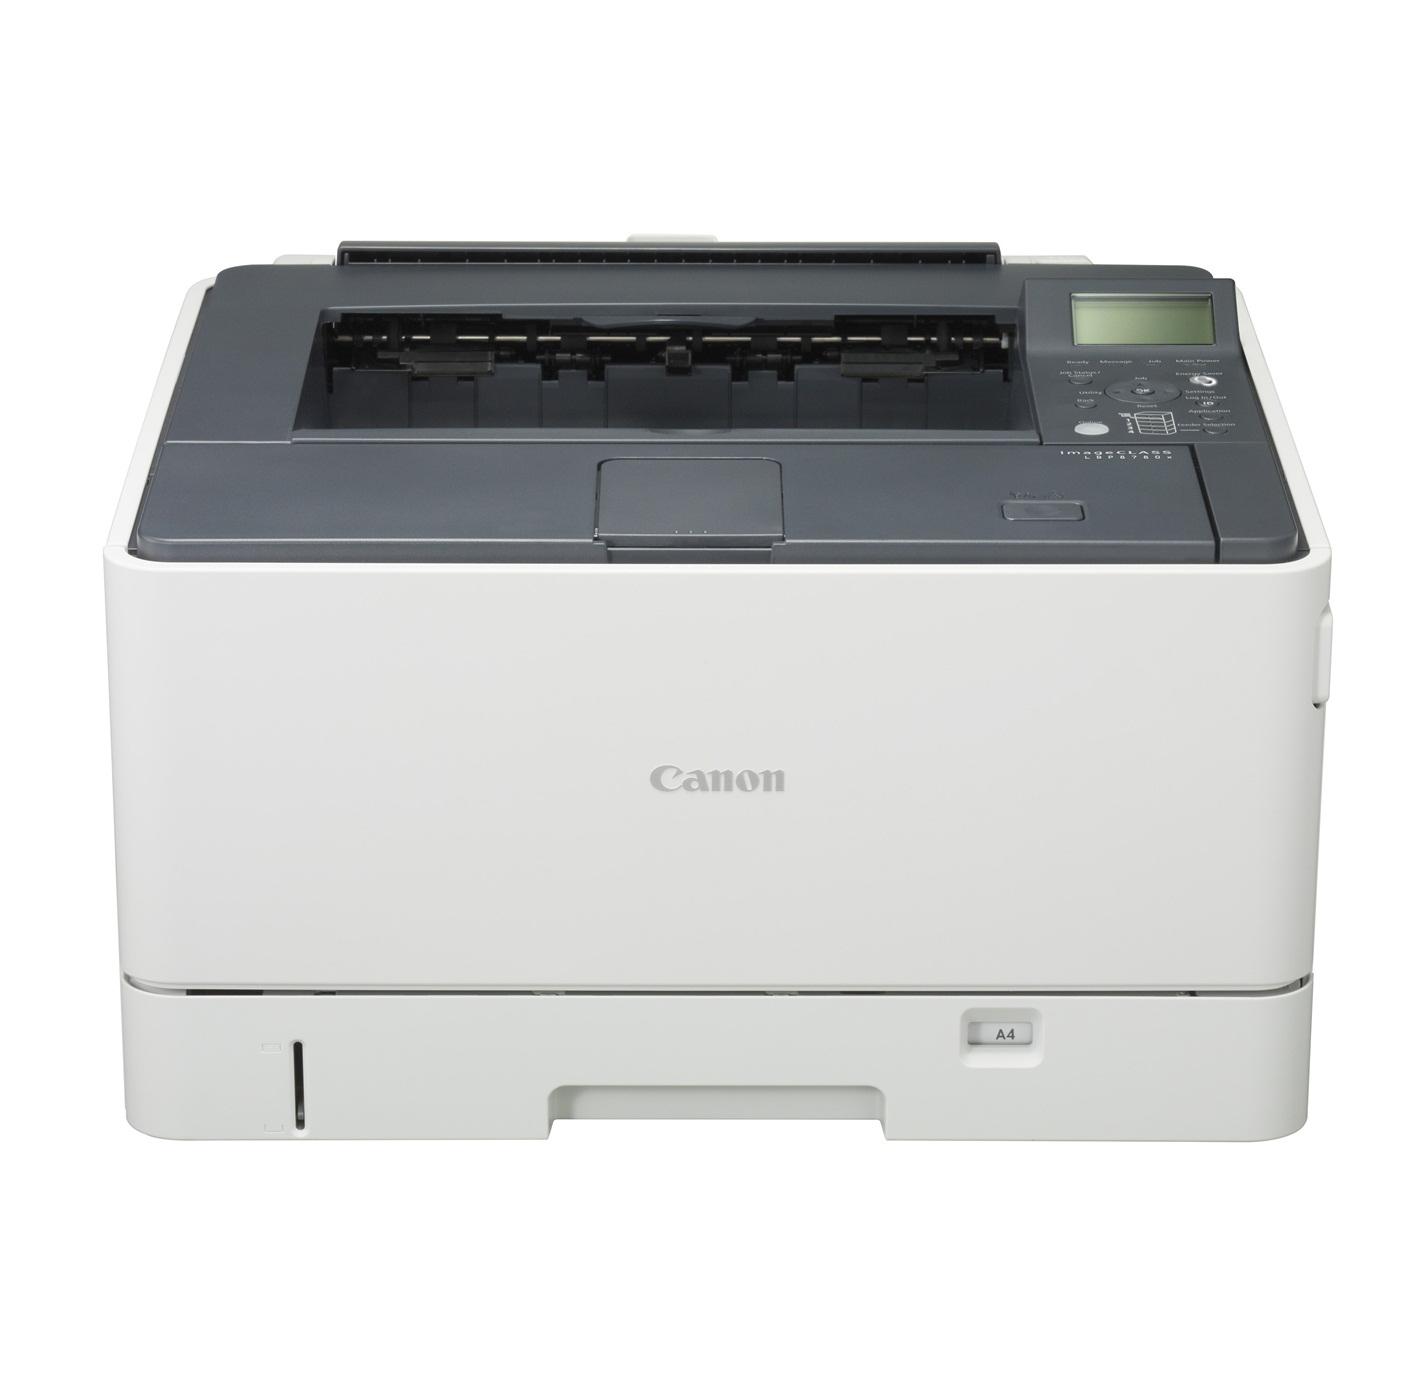 Máy in Canon laser đen trắng LBP 8100N